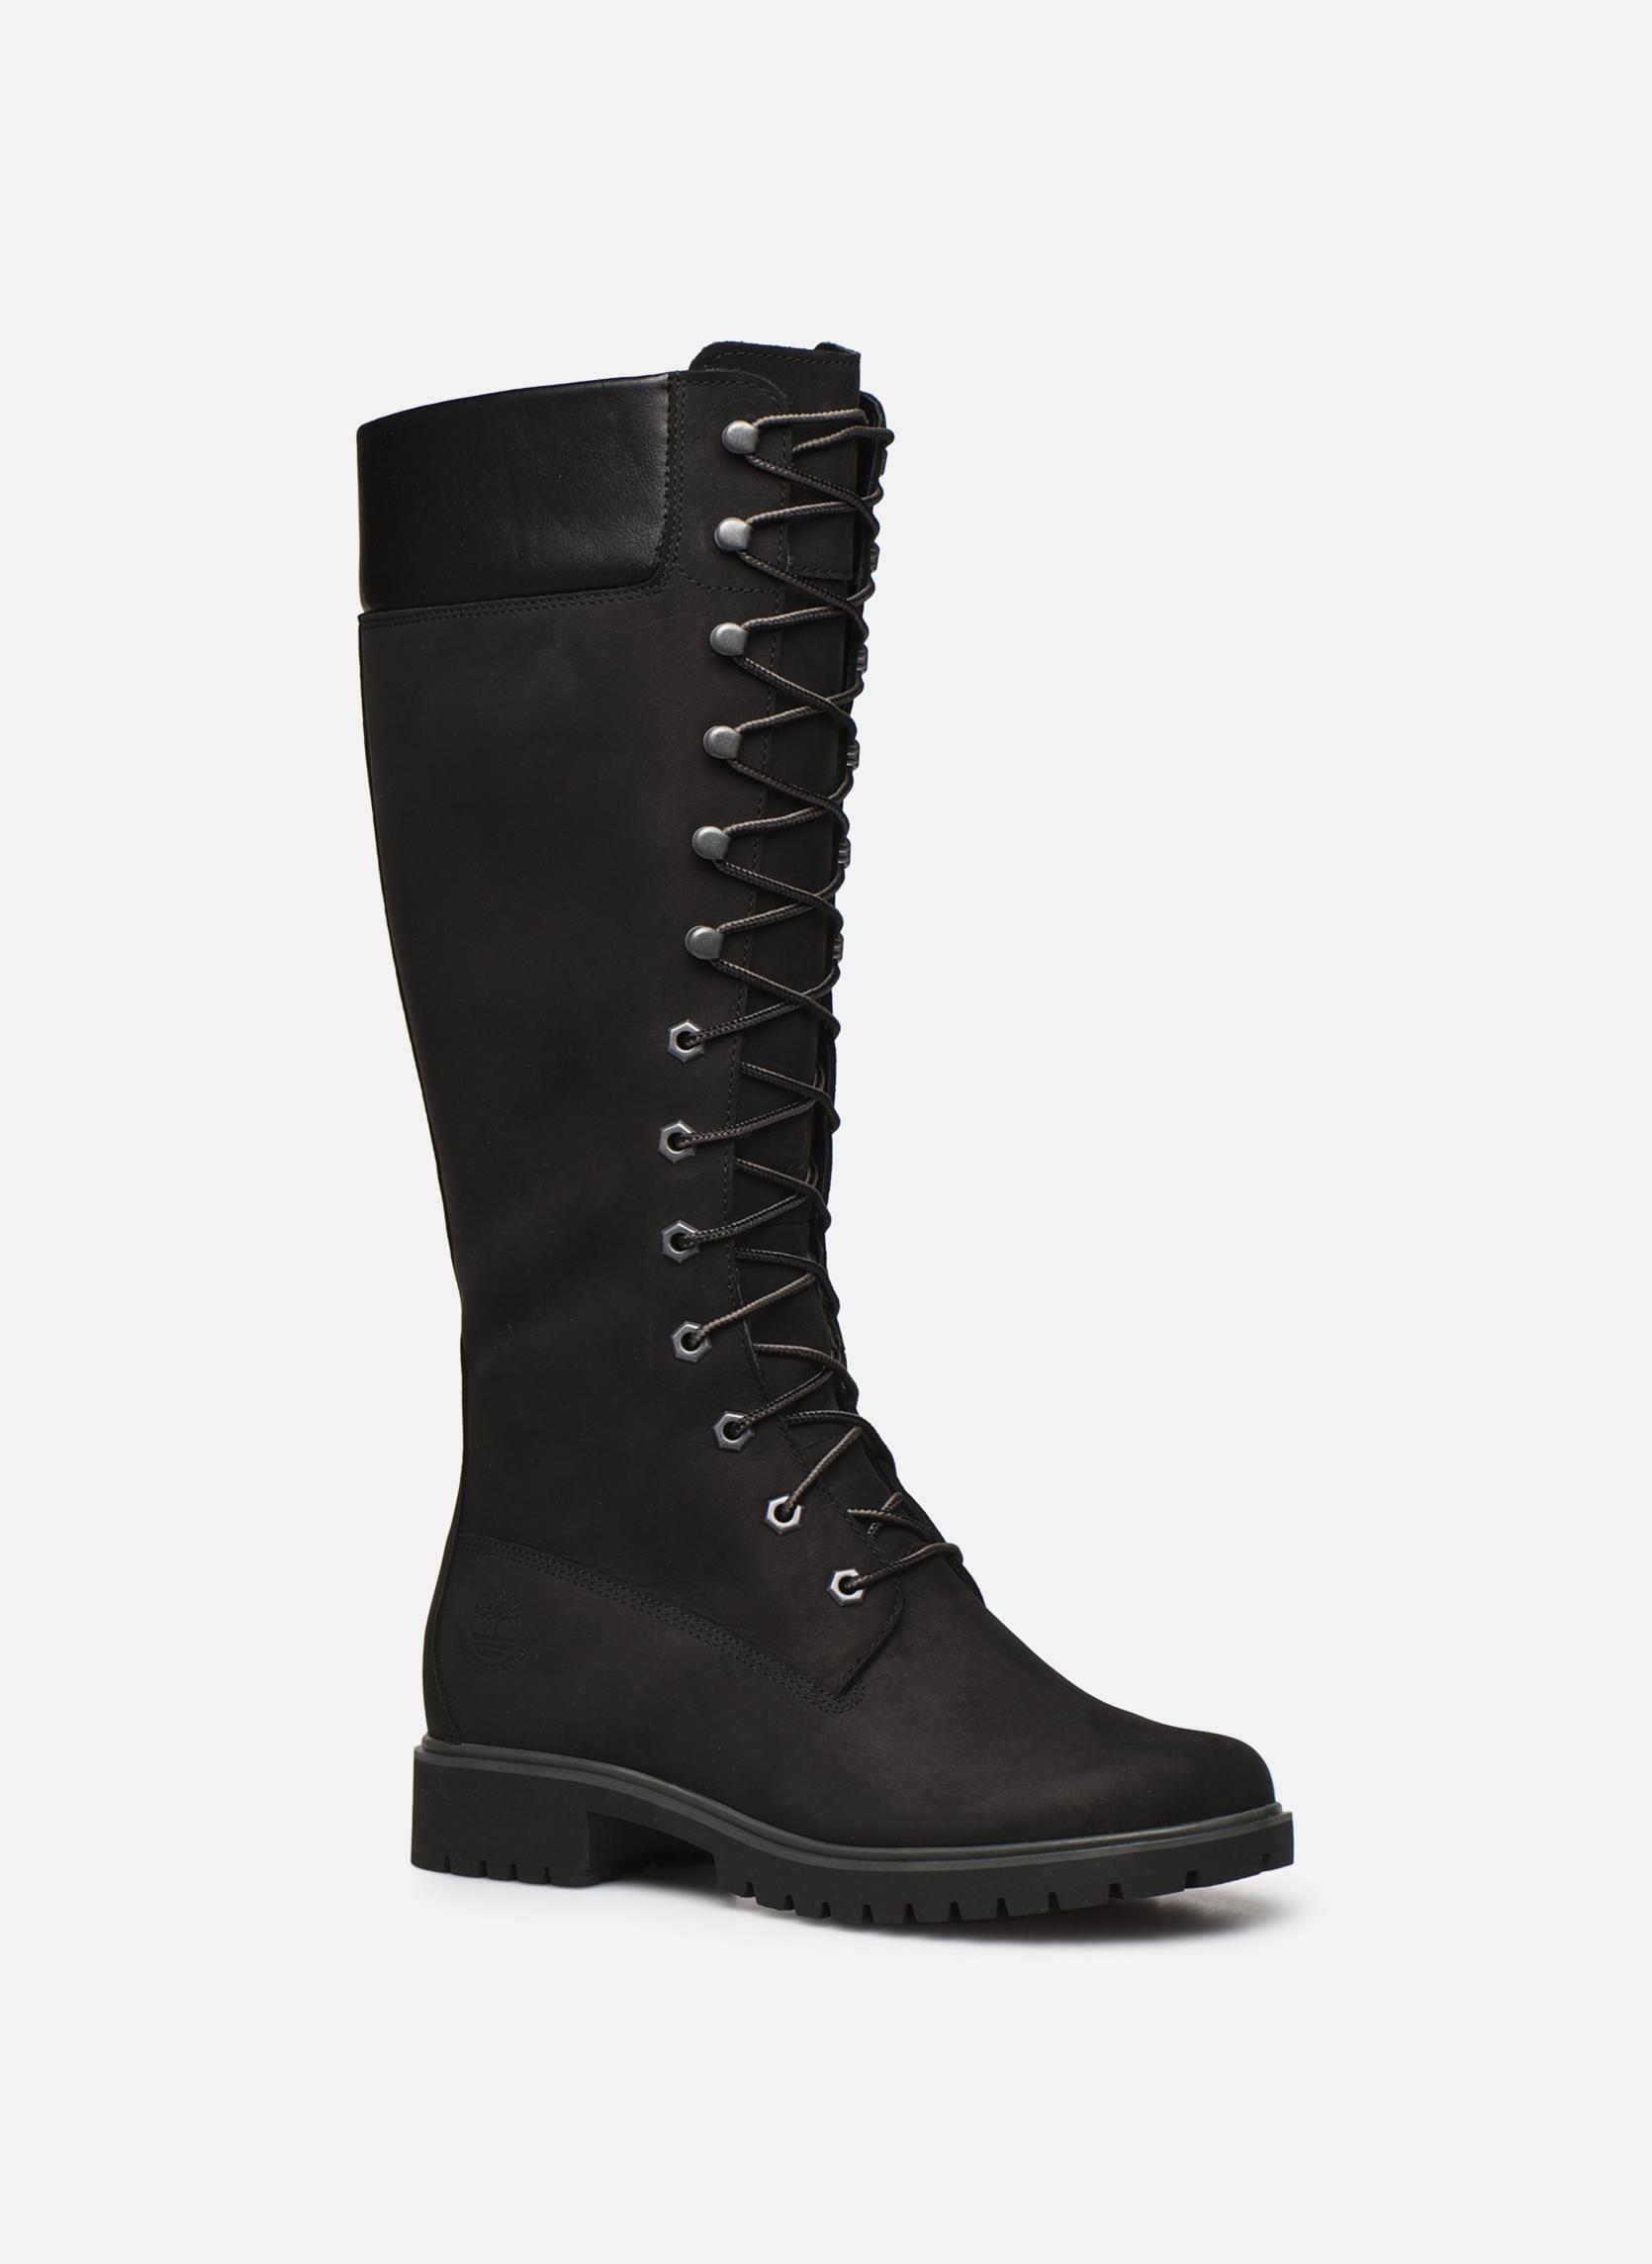 Stiefel Timberland Women's Premium 14 inch schwarz detaillierte ansicht/modell